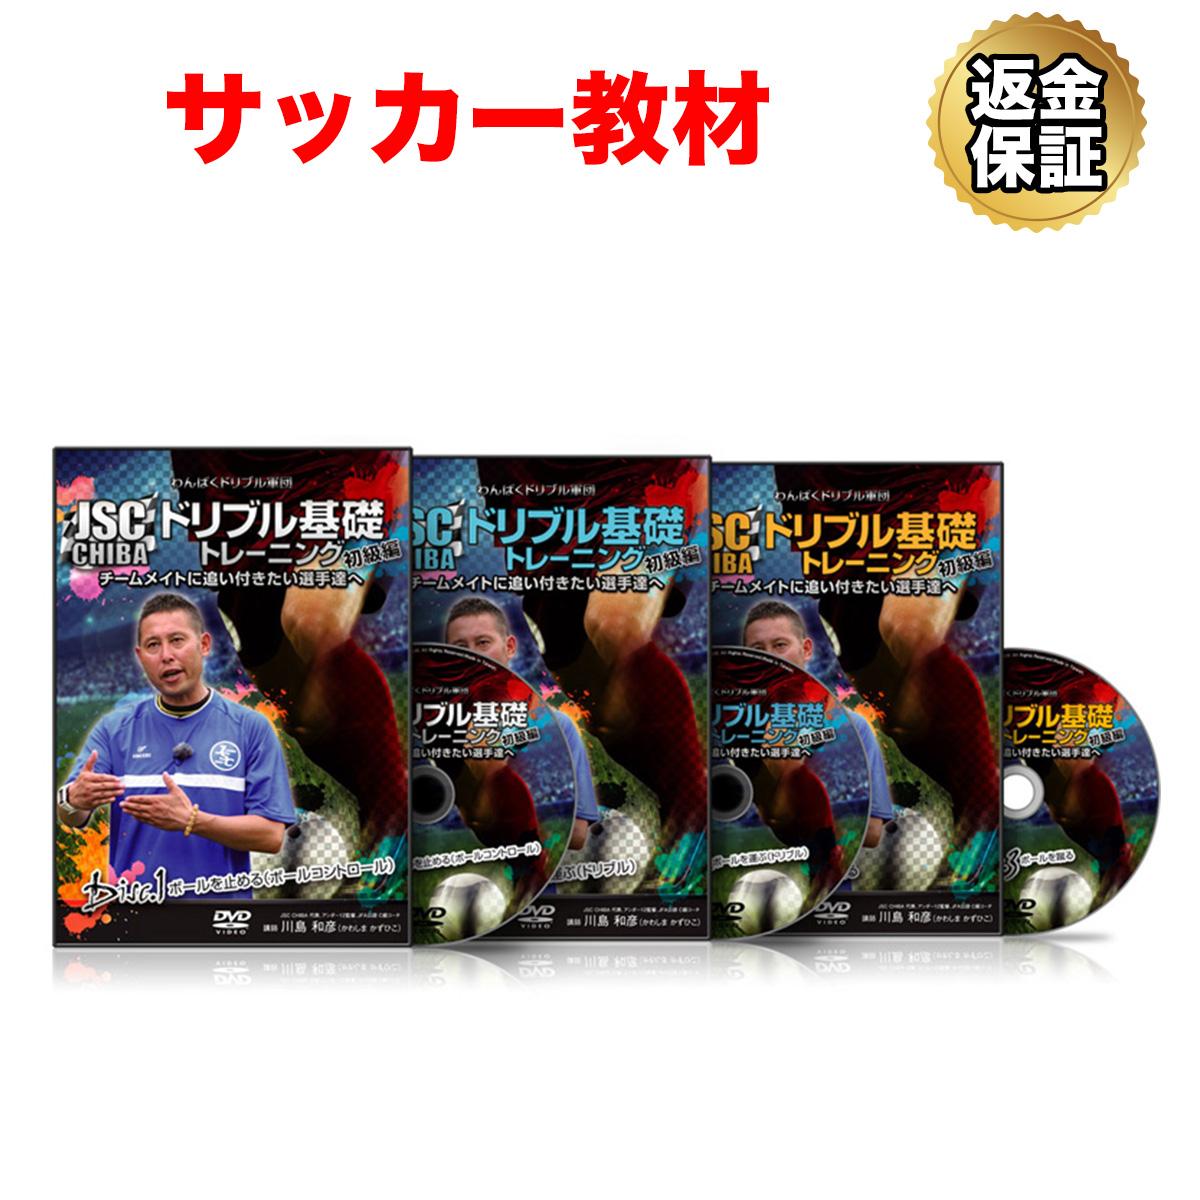 新発売 サッカー 教材 DVD わんぱくドリブル軍団JSC 初級編 フルセット 春の新作続々 CHIBAのドリブル基礎トレーニング